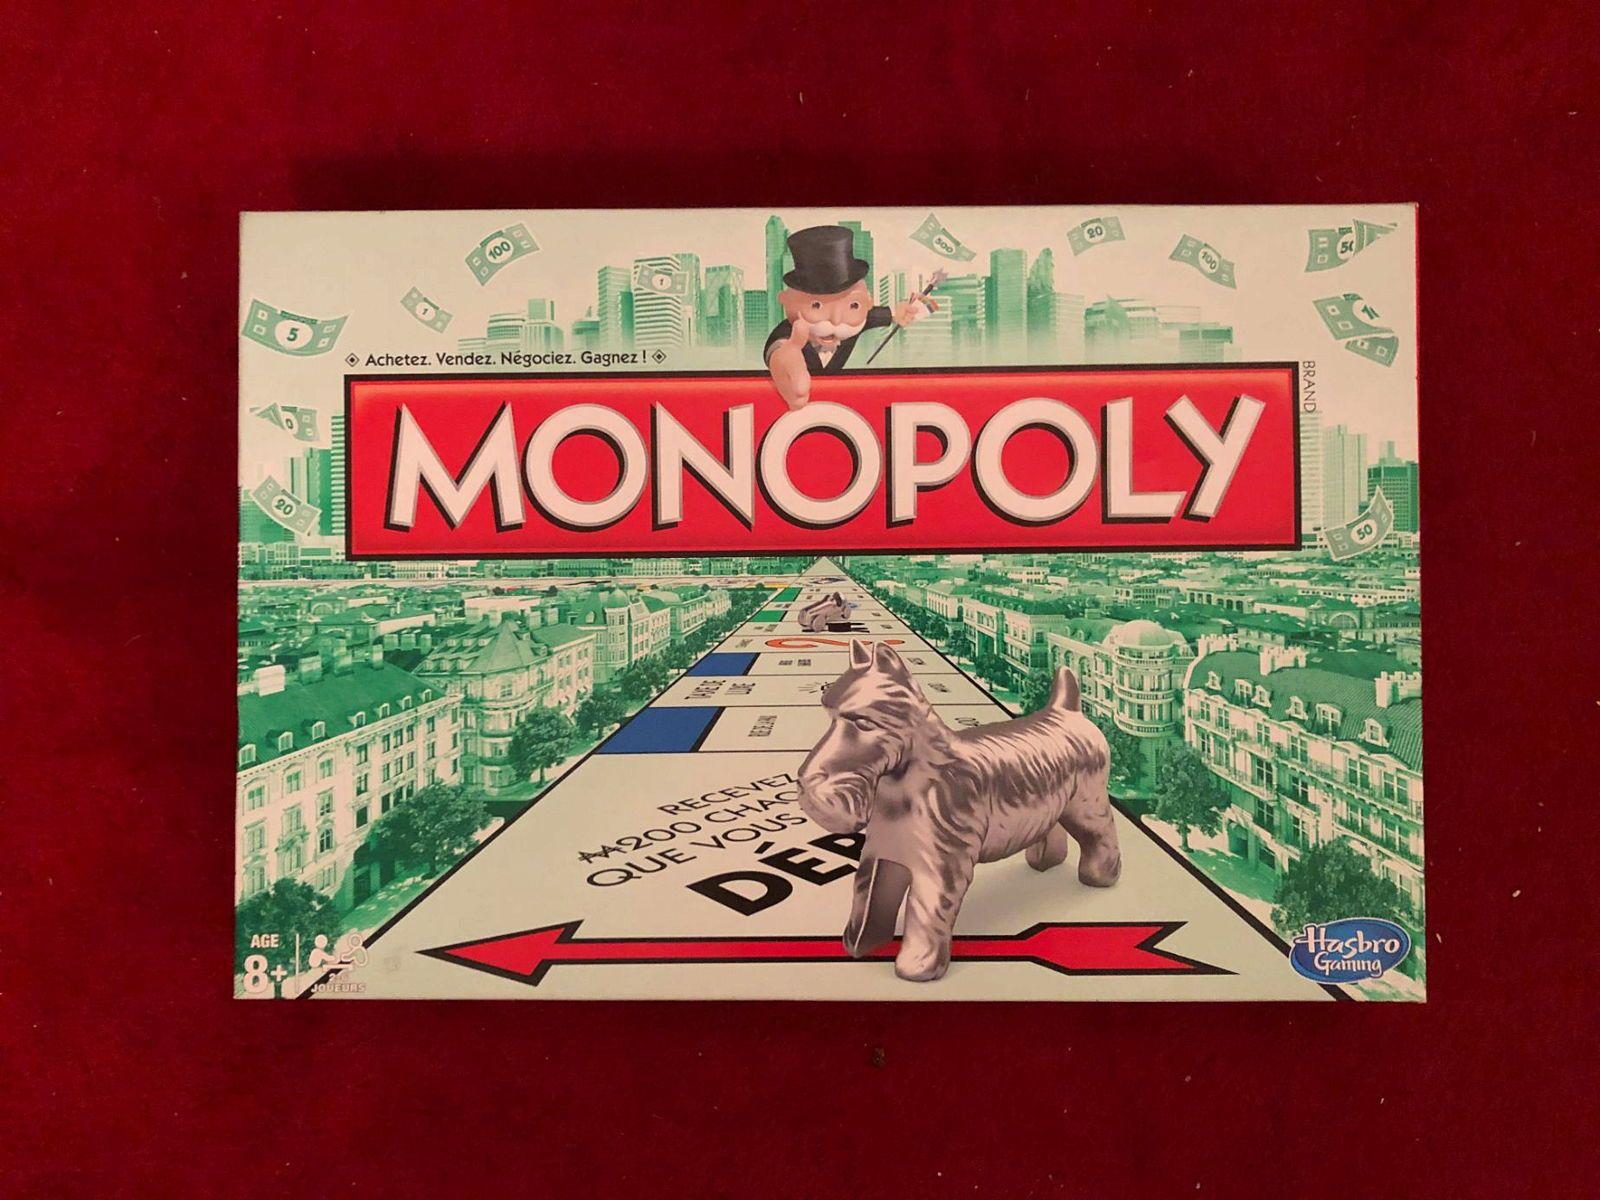 Vends jeu de société Monopoly